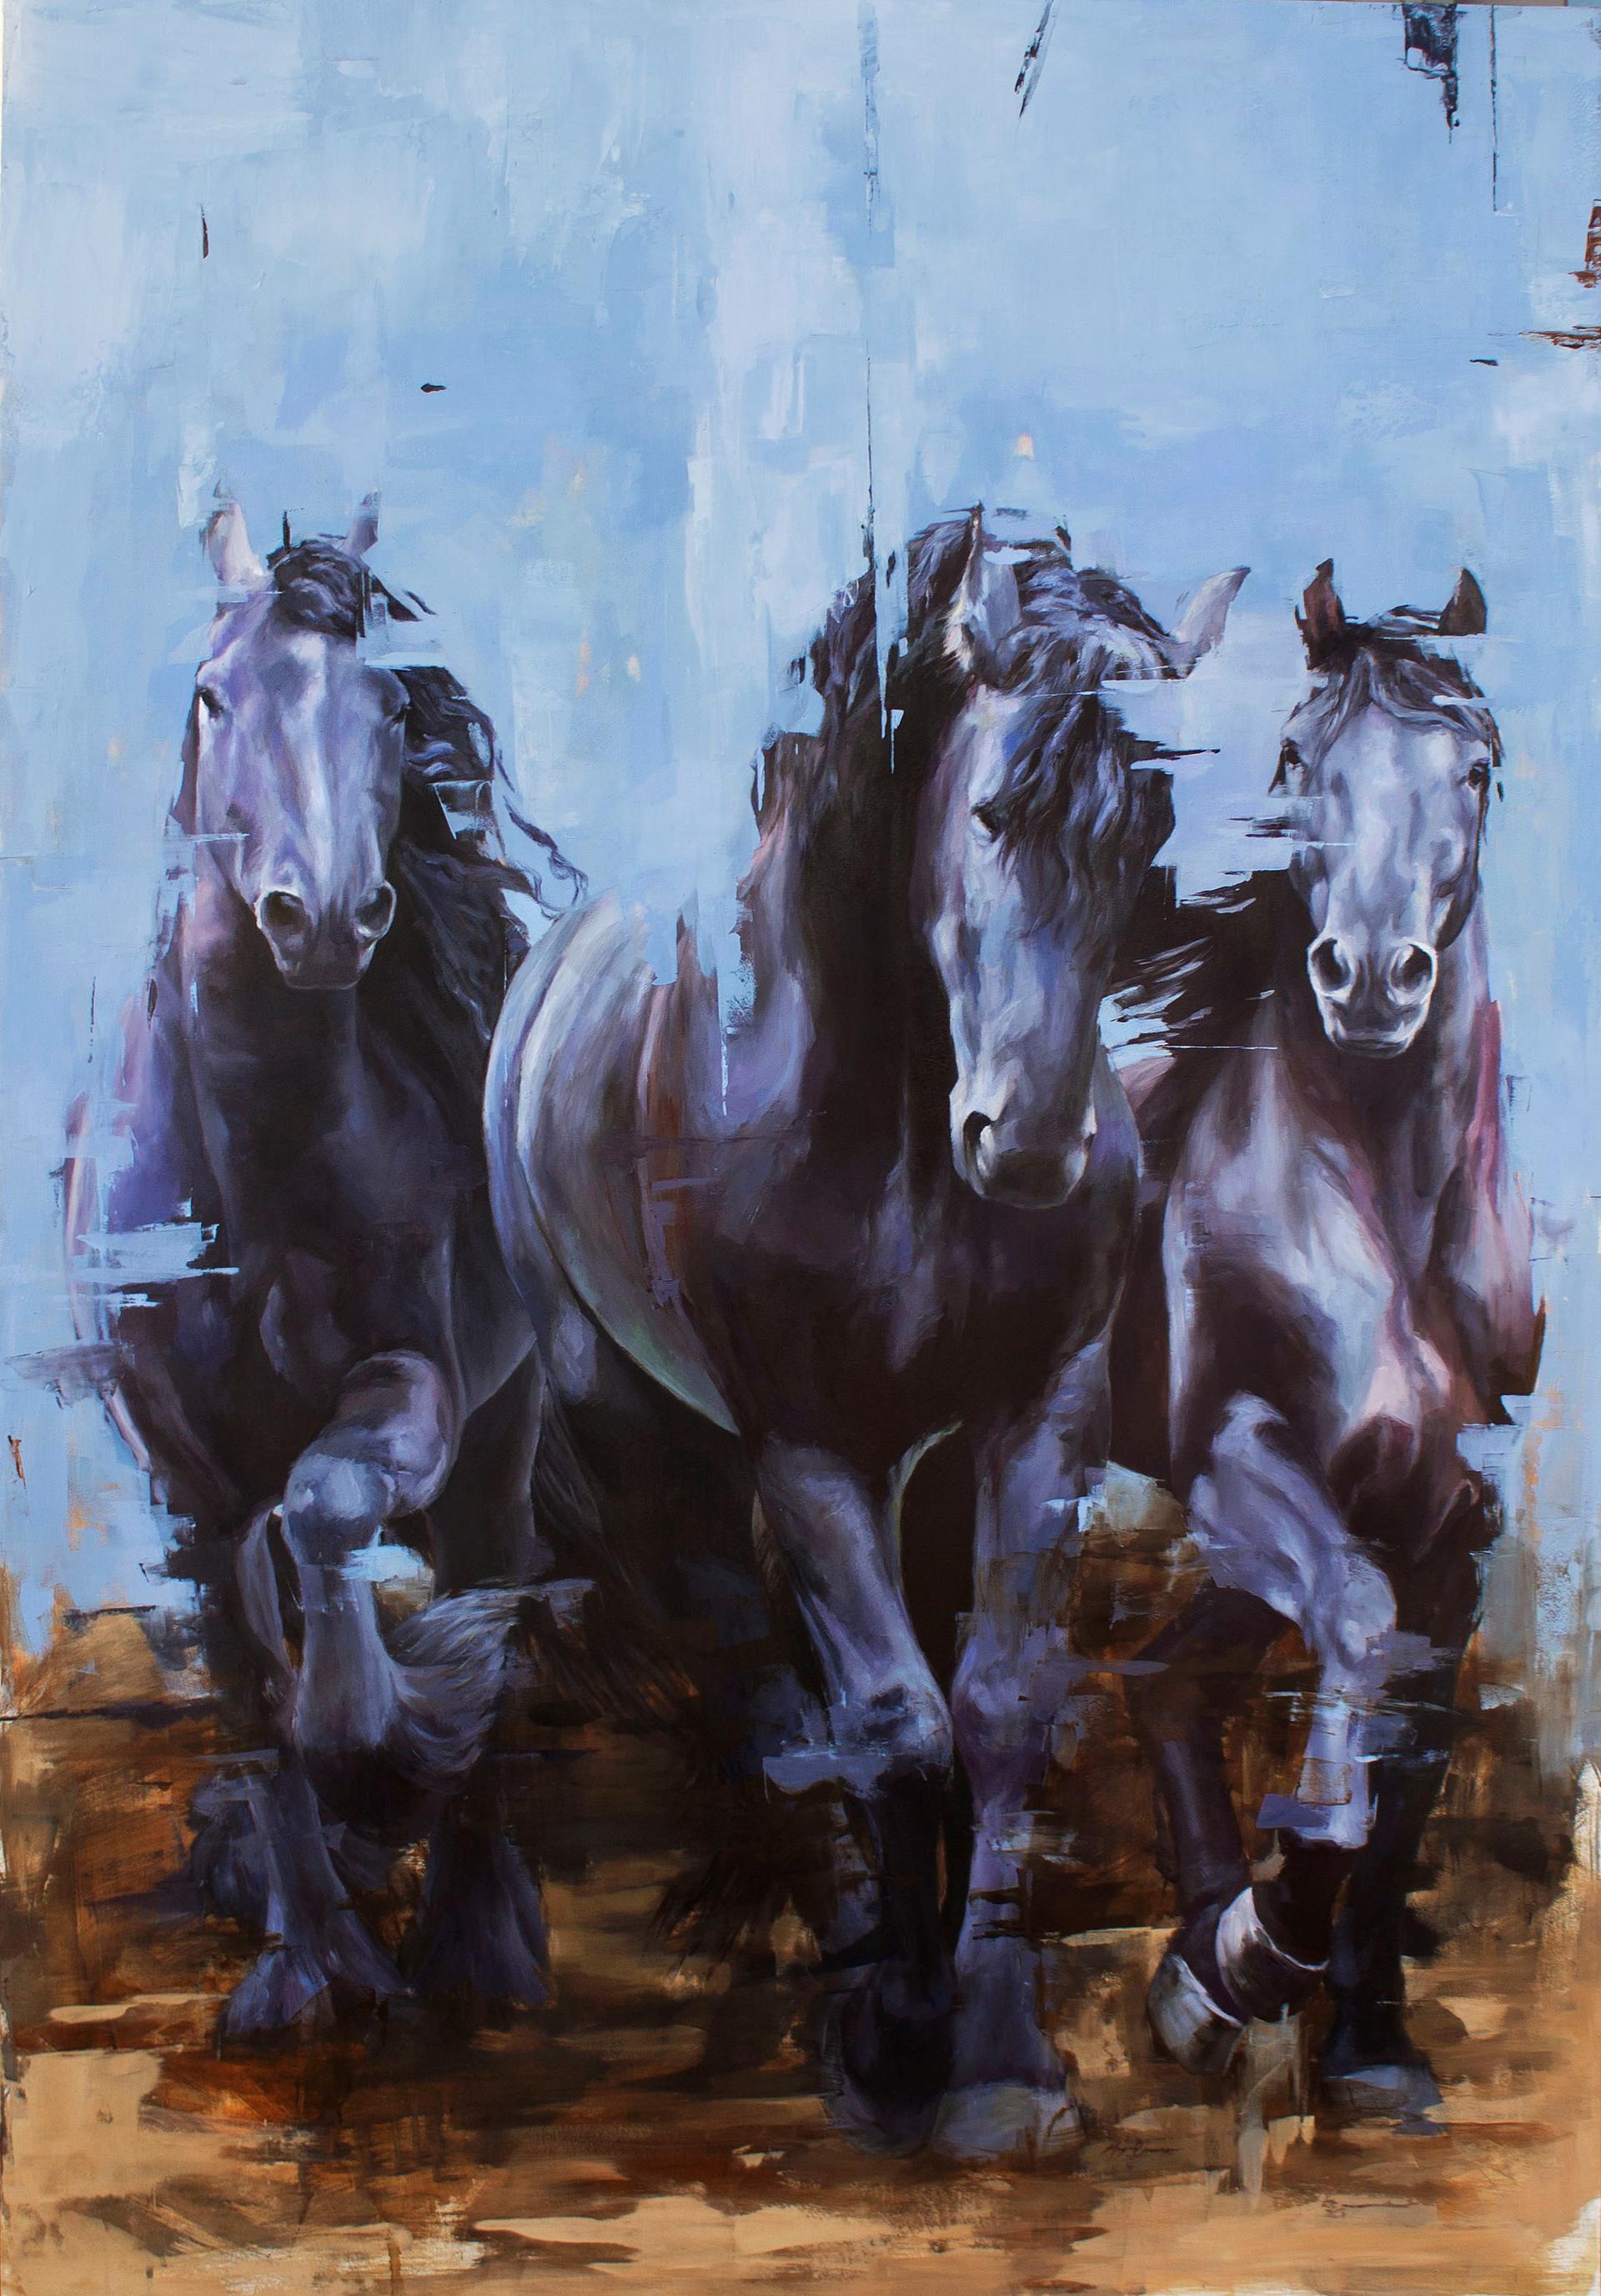 Camelot by Morgan Cameron